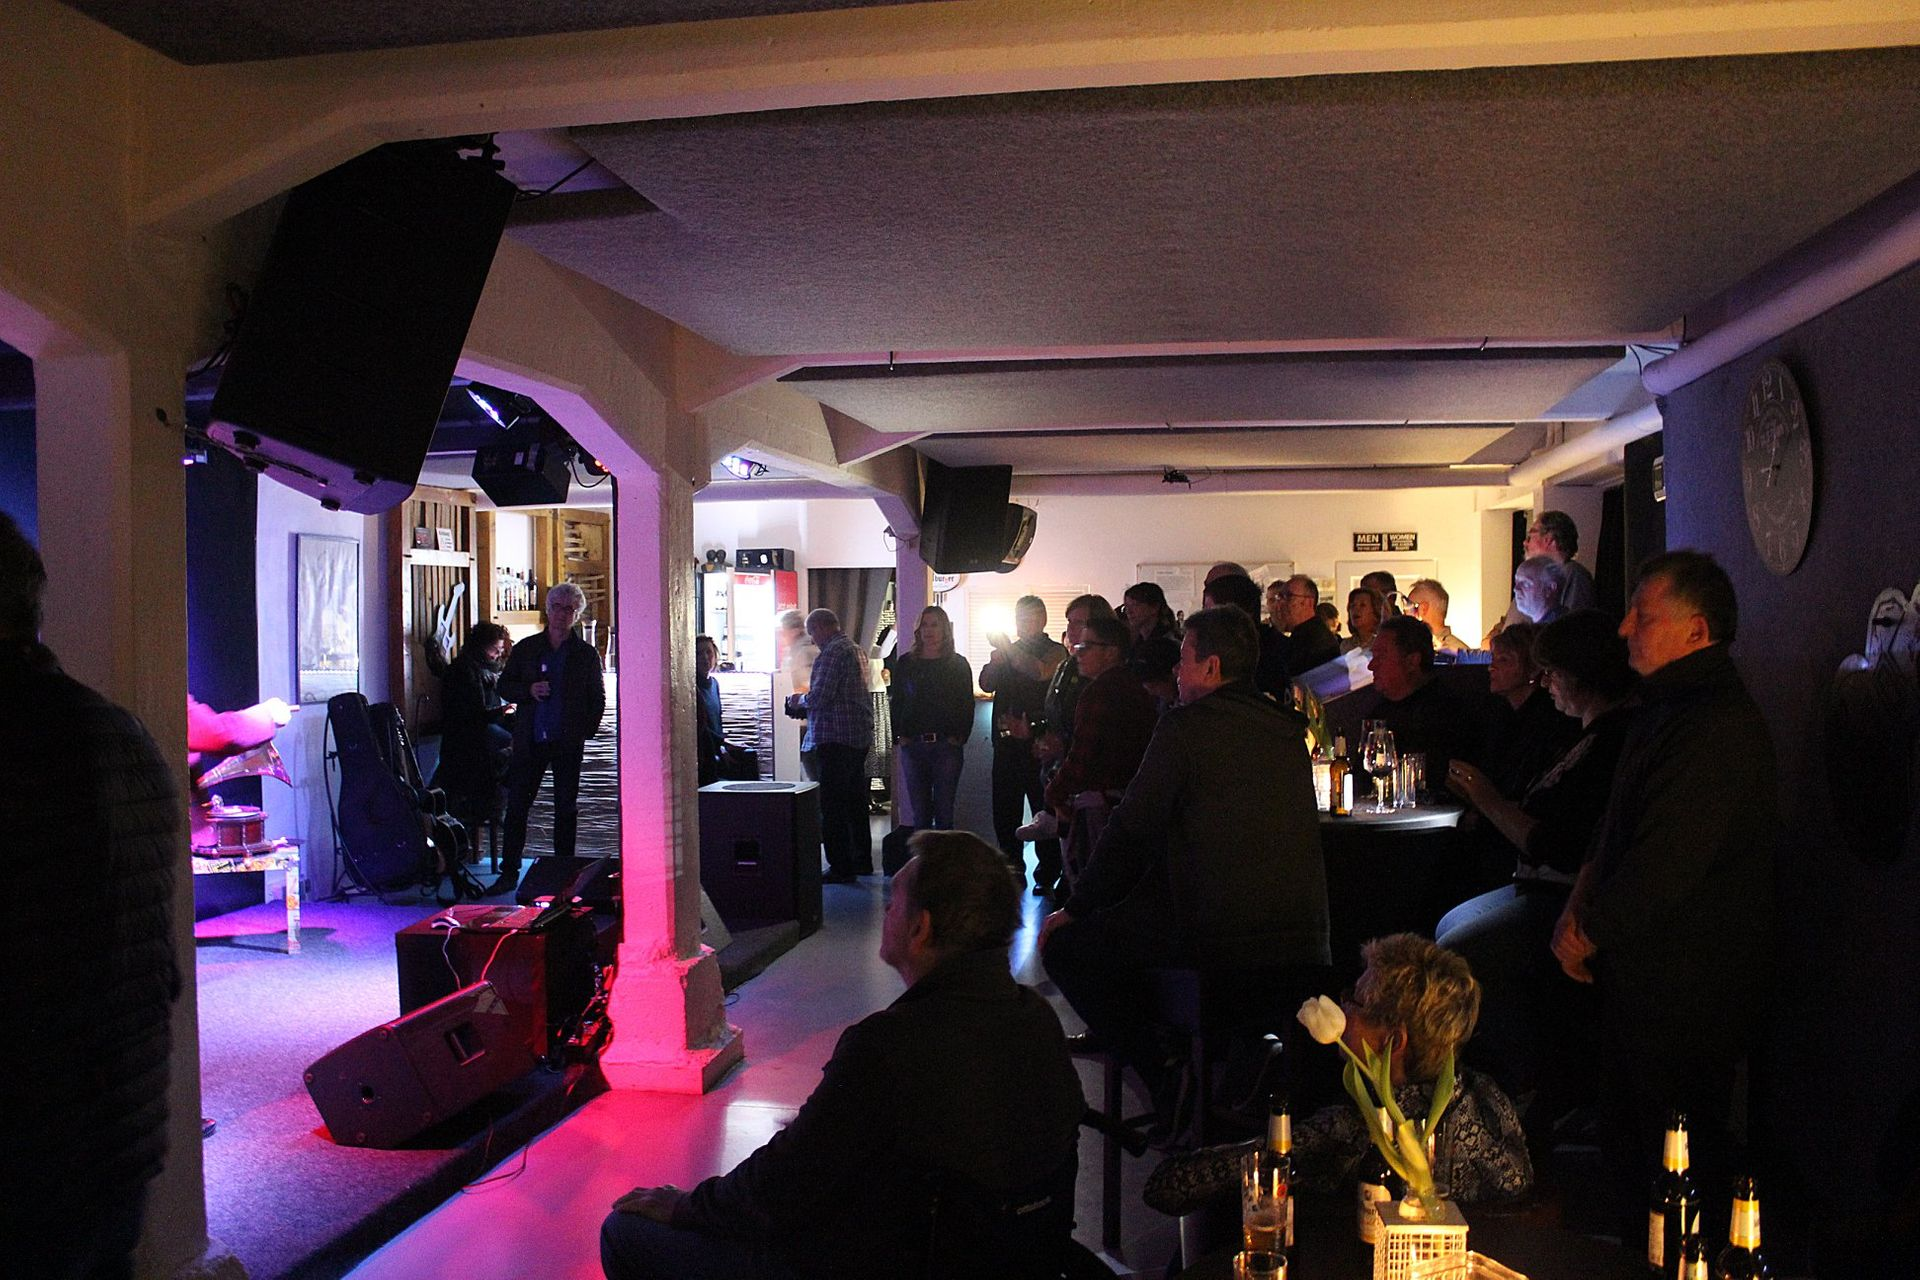 Buena Ressa Music Club in photos - Bilder